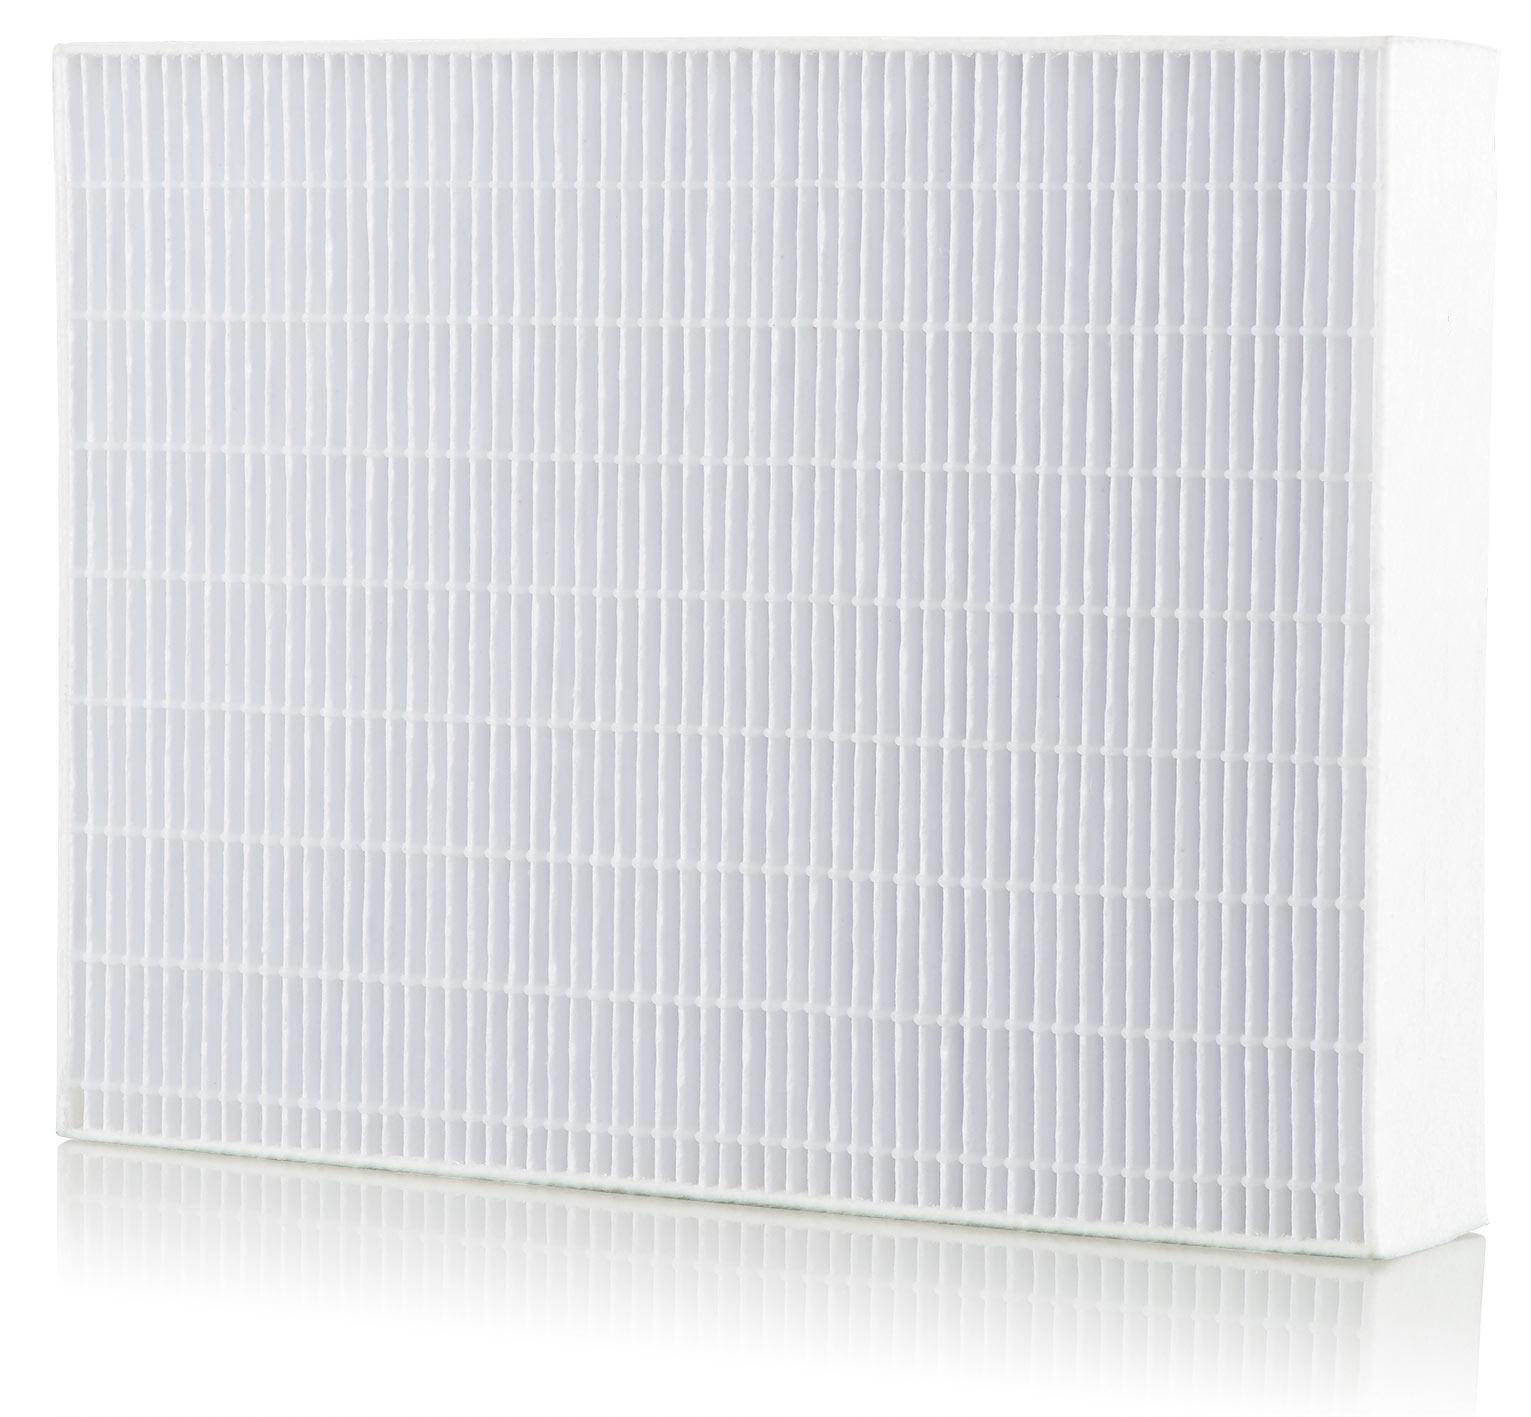 SIKU SF VUT 270 V5B EC Filter G4